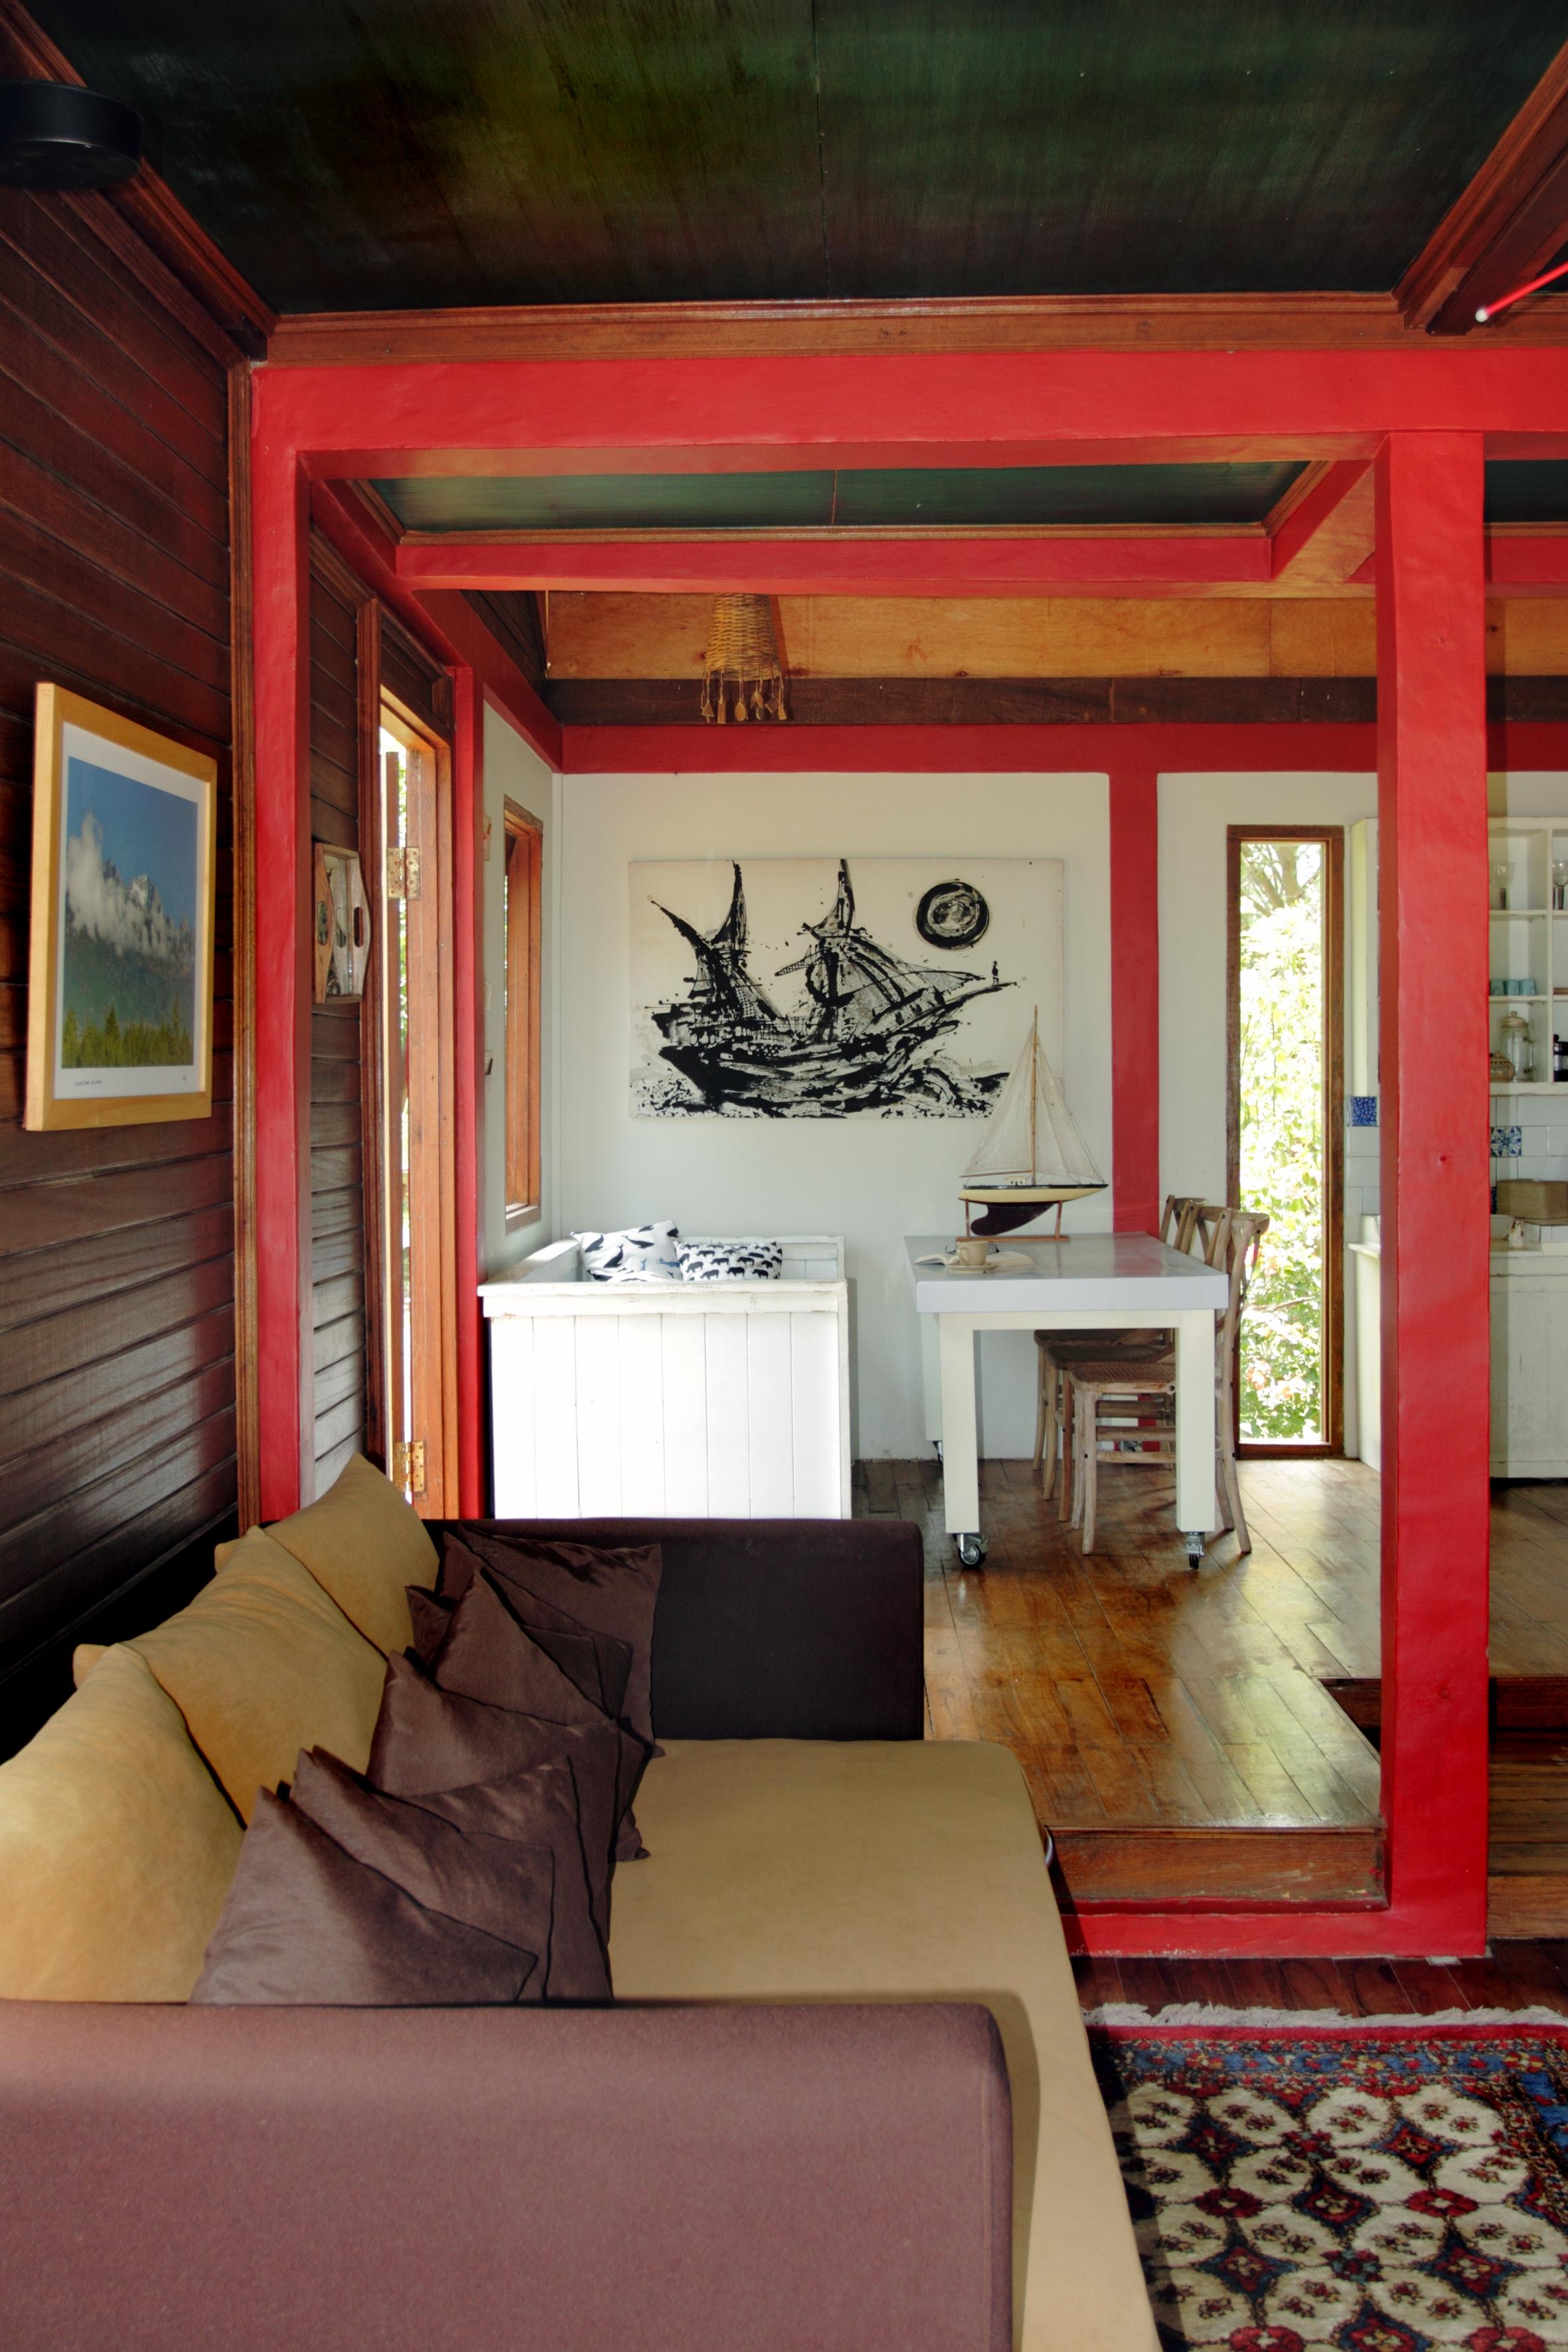 rumah merah sofa & dining room